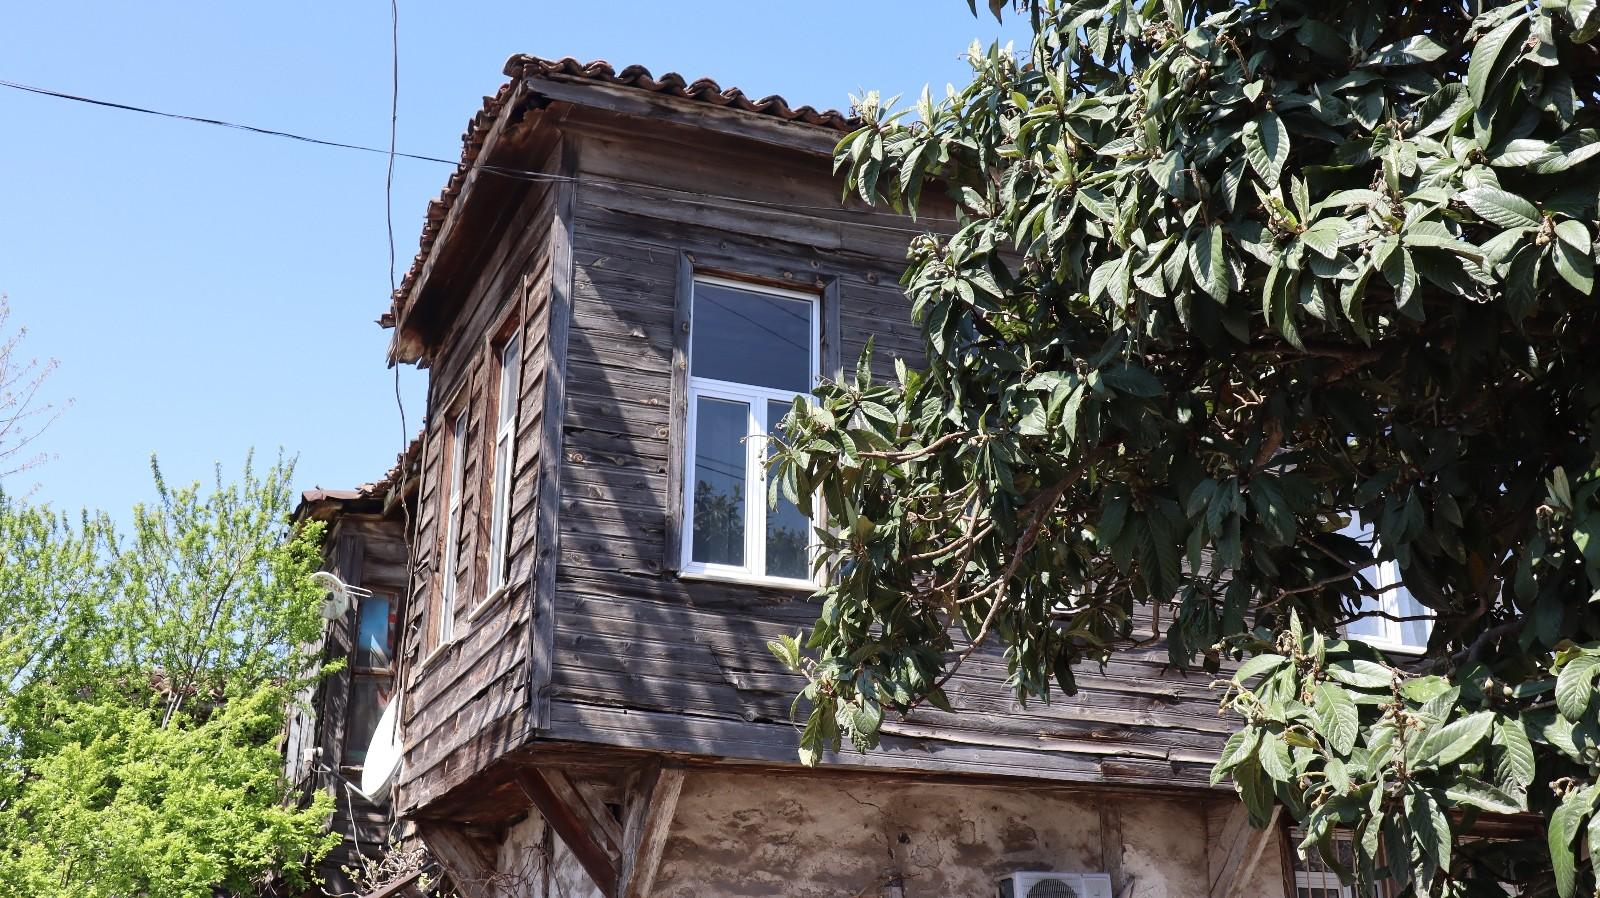 700 yıllık tarihe ışık tutan Osmanlı evleri turizme kazandırılacak